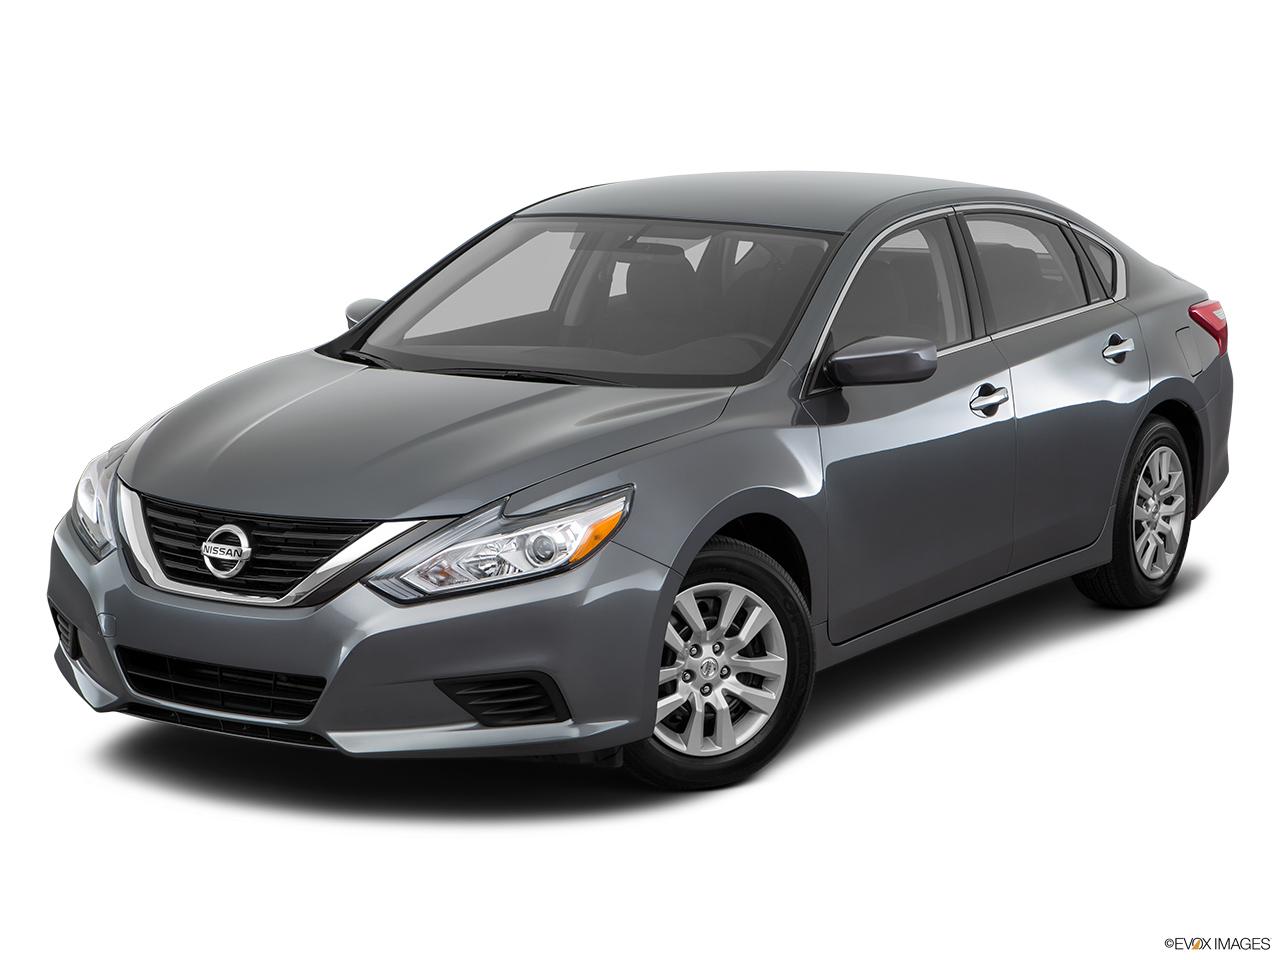 2005 Nissan Altima 2.5S >> 100+ [ Grey Nissan Altima 2017 ] | Used 2015 Nissan Altima 2 5 S Everett Wa Del Sol Auto Sales ...